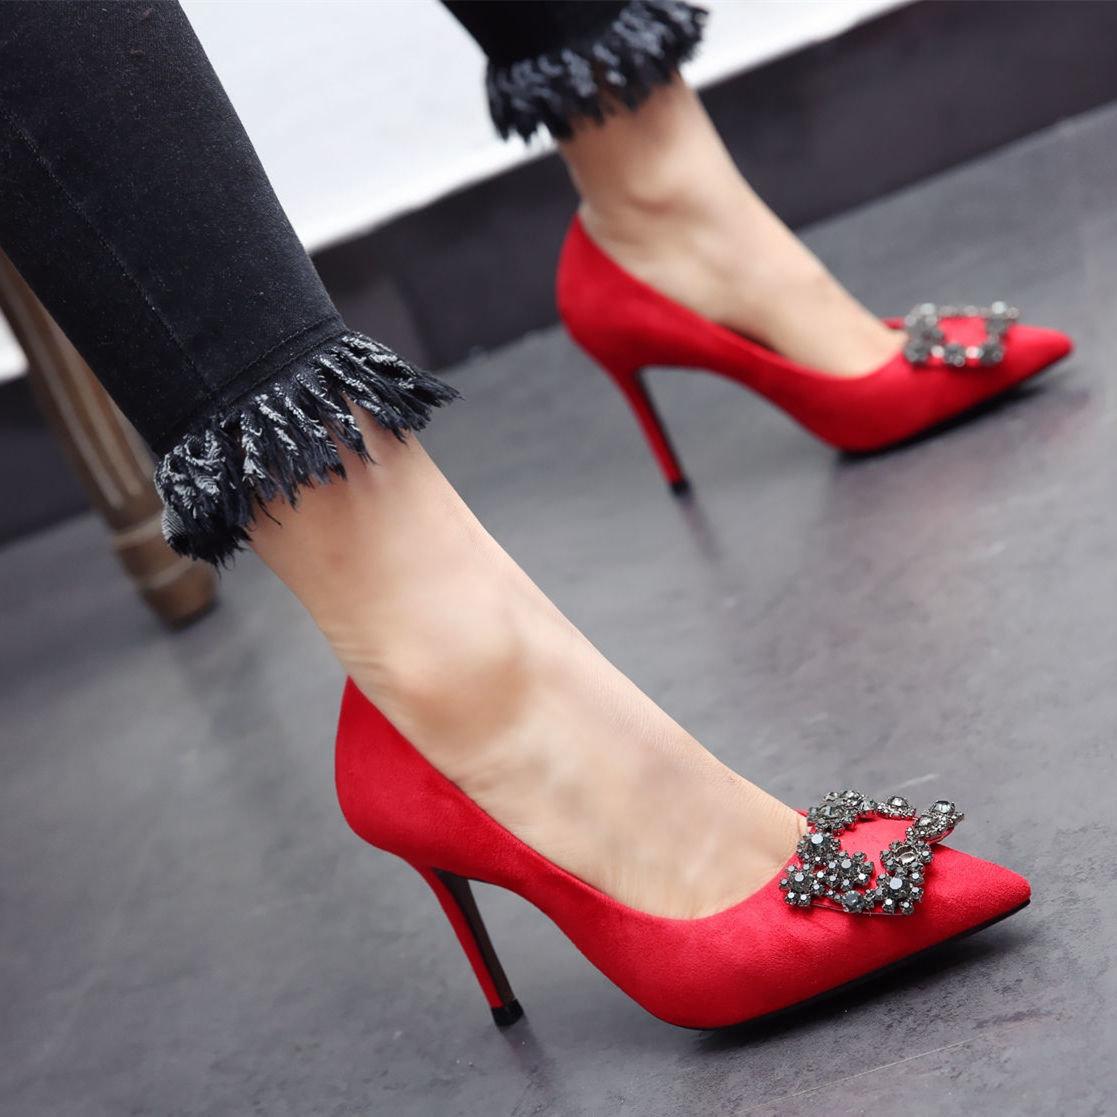 картинки женских модных туфель пожалуста